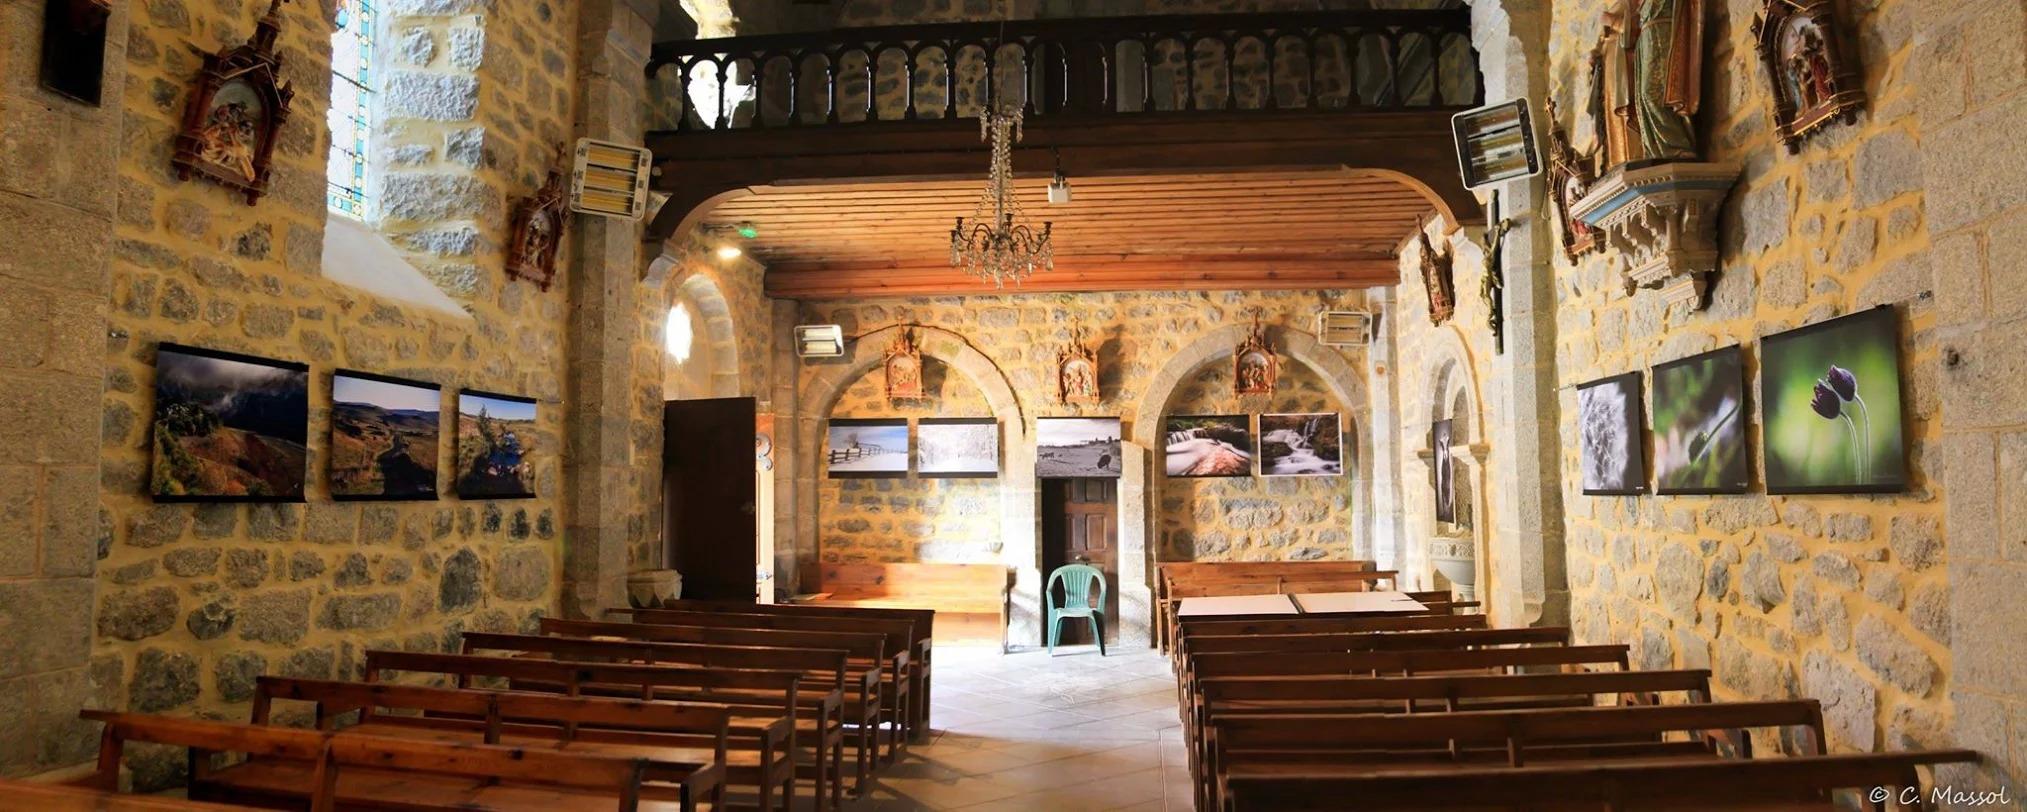 Eglise Marchastel (Expo)